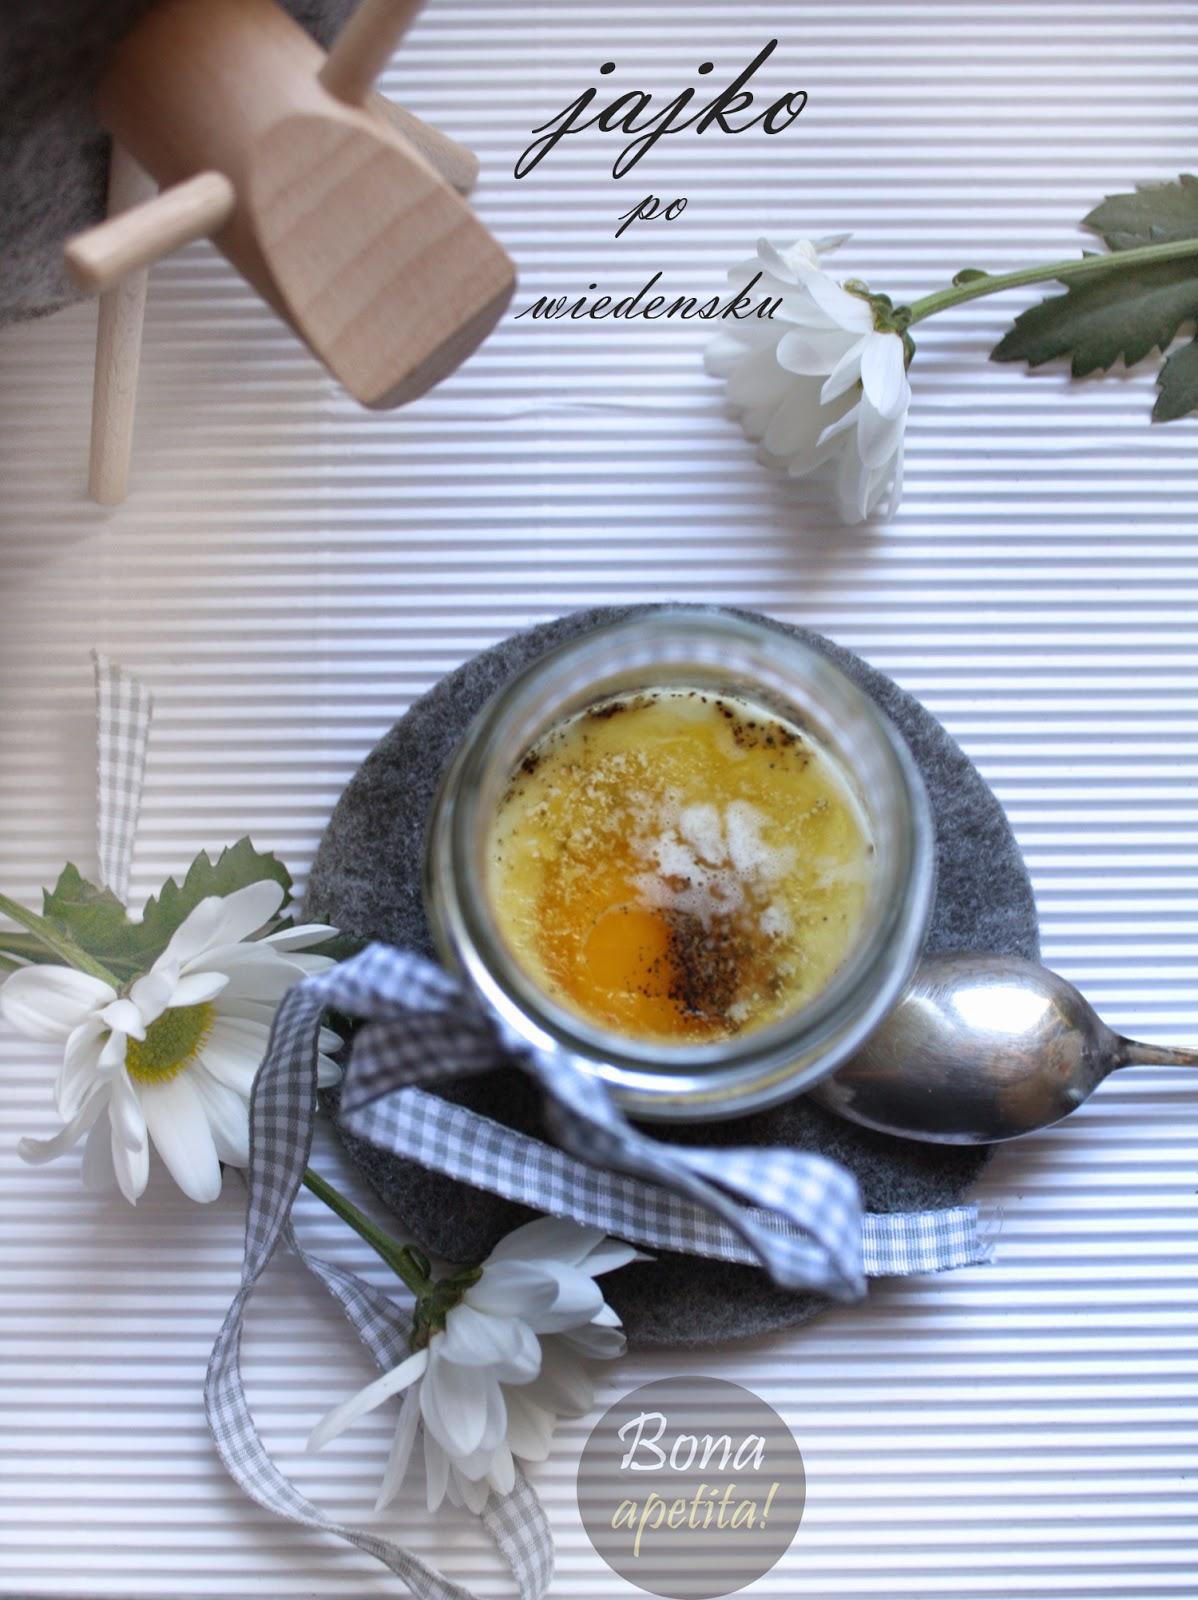 jak zrobić jajko po wiedeńsku? wielkanoc